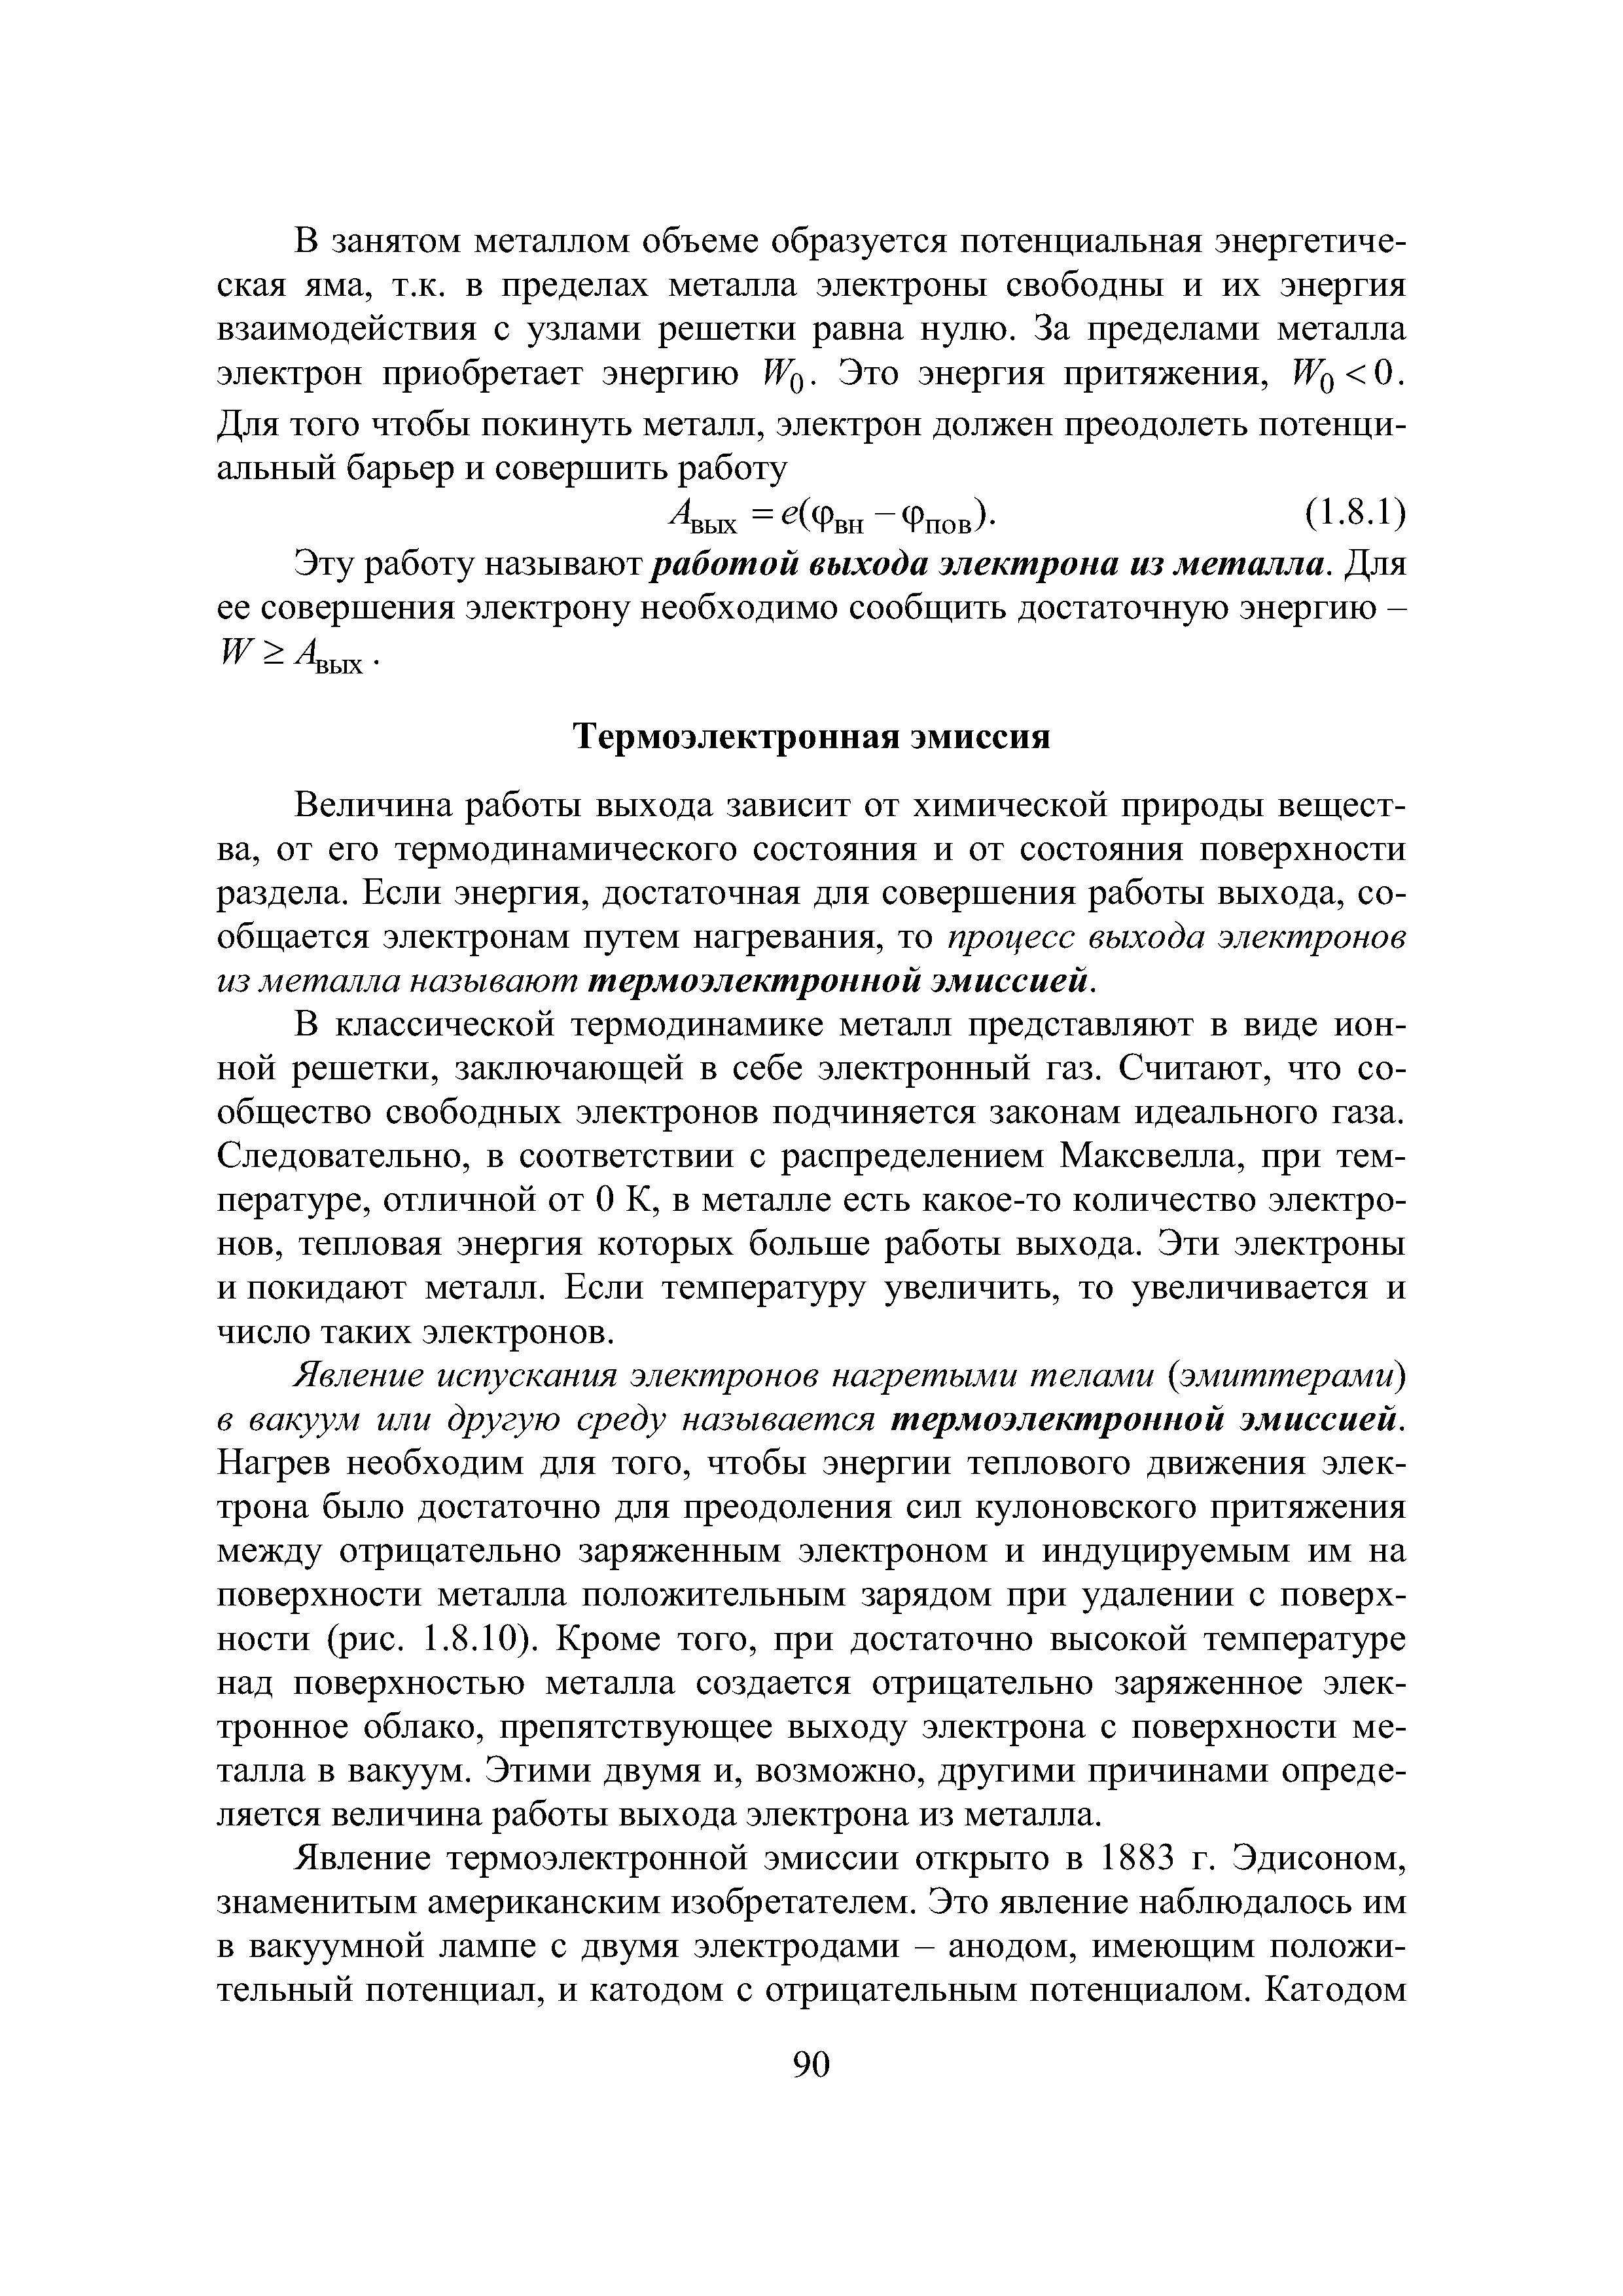 Классическая электронная теория проводимости металлов. термоэлектронная эмиссия. ток в газе и жидкости | авторская платформа pandia.ru